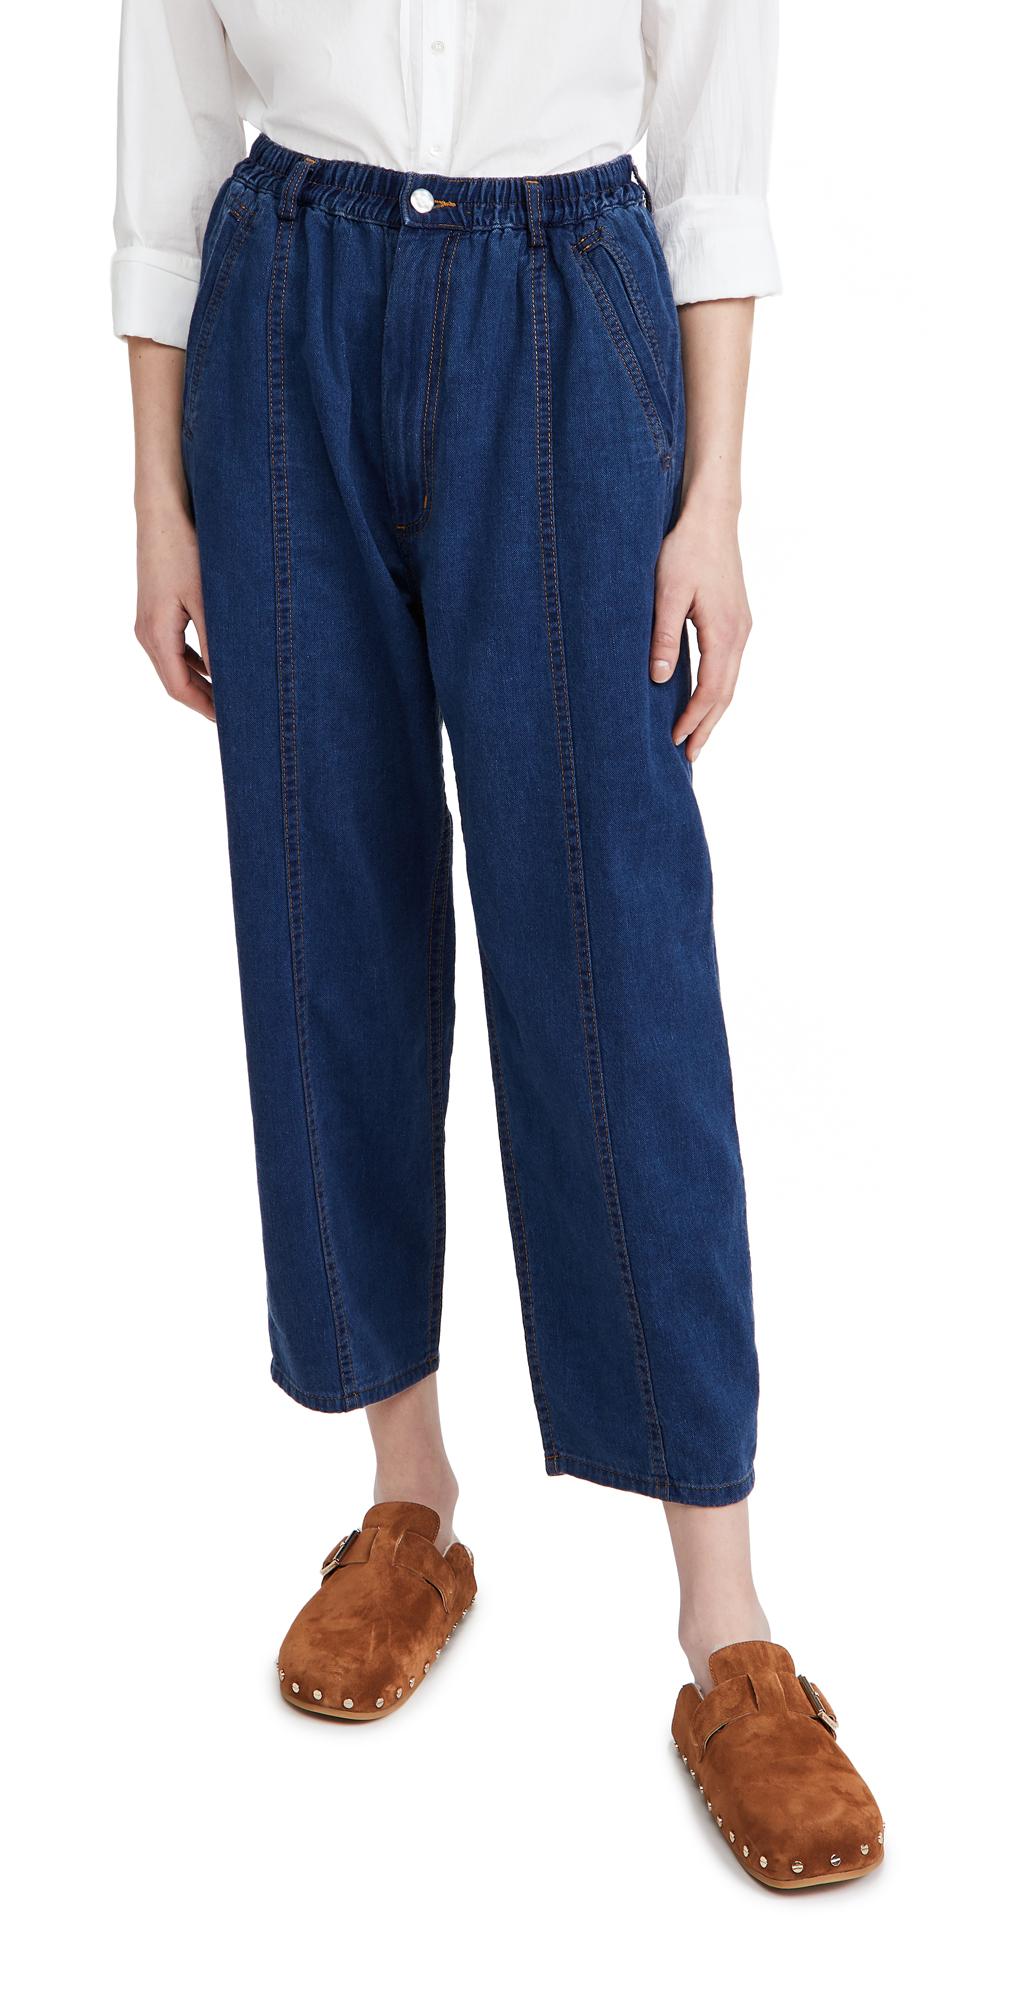 Rachel Comey Lex Pants